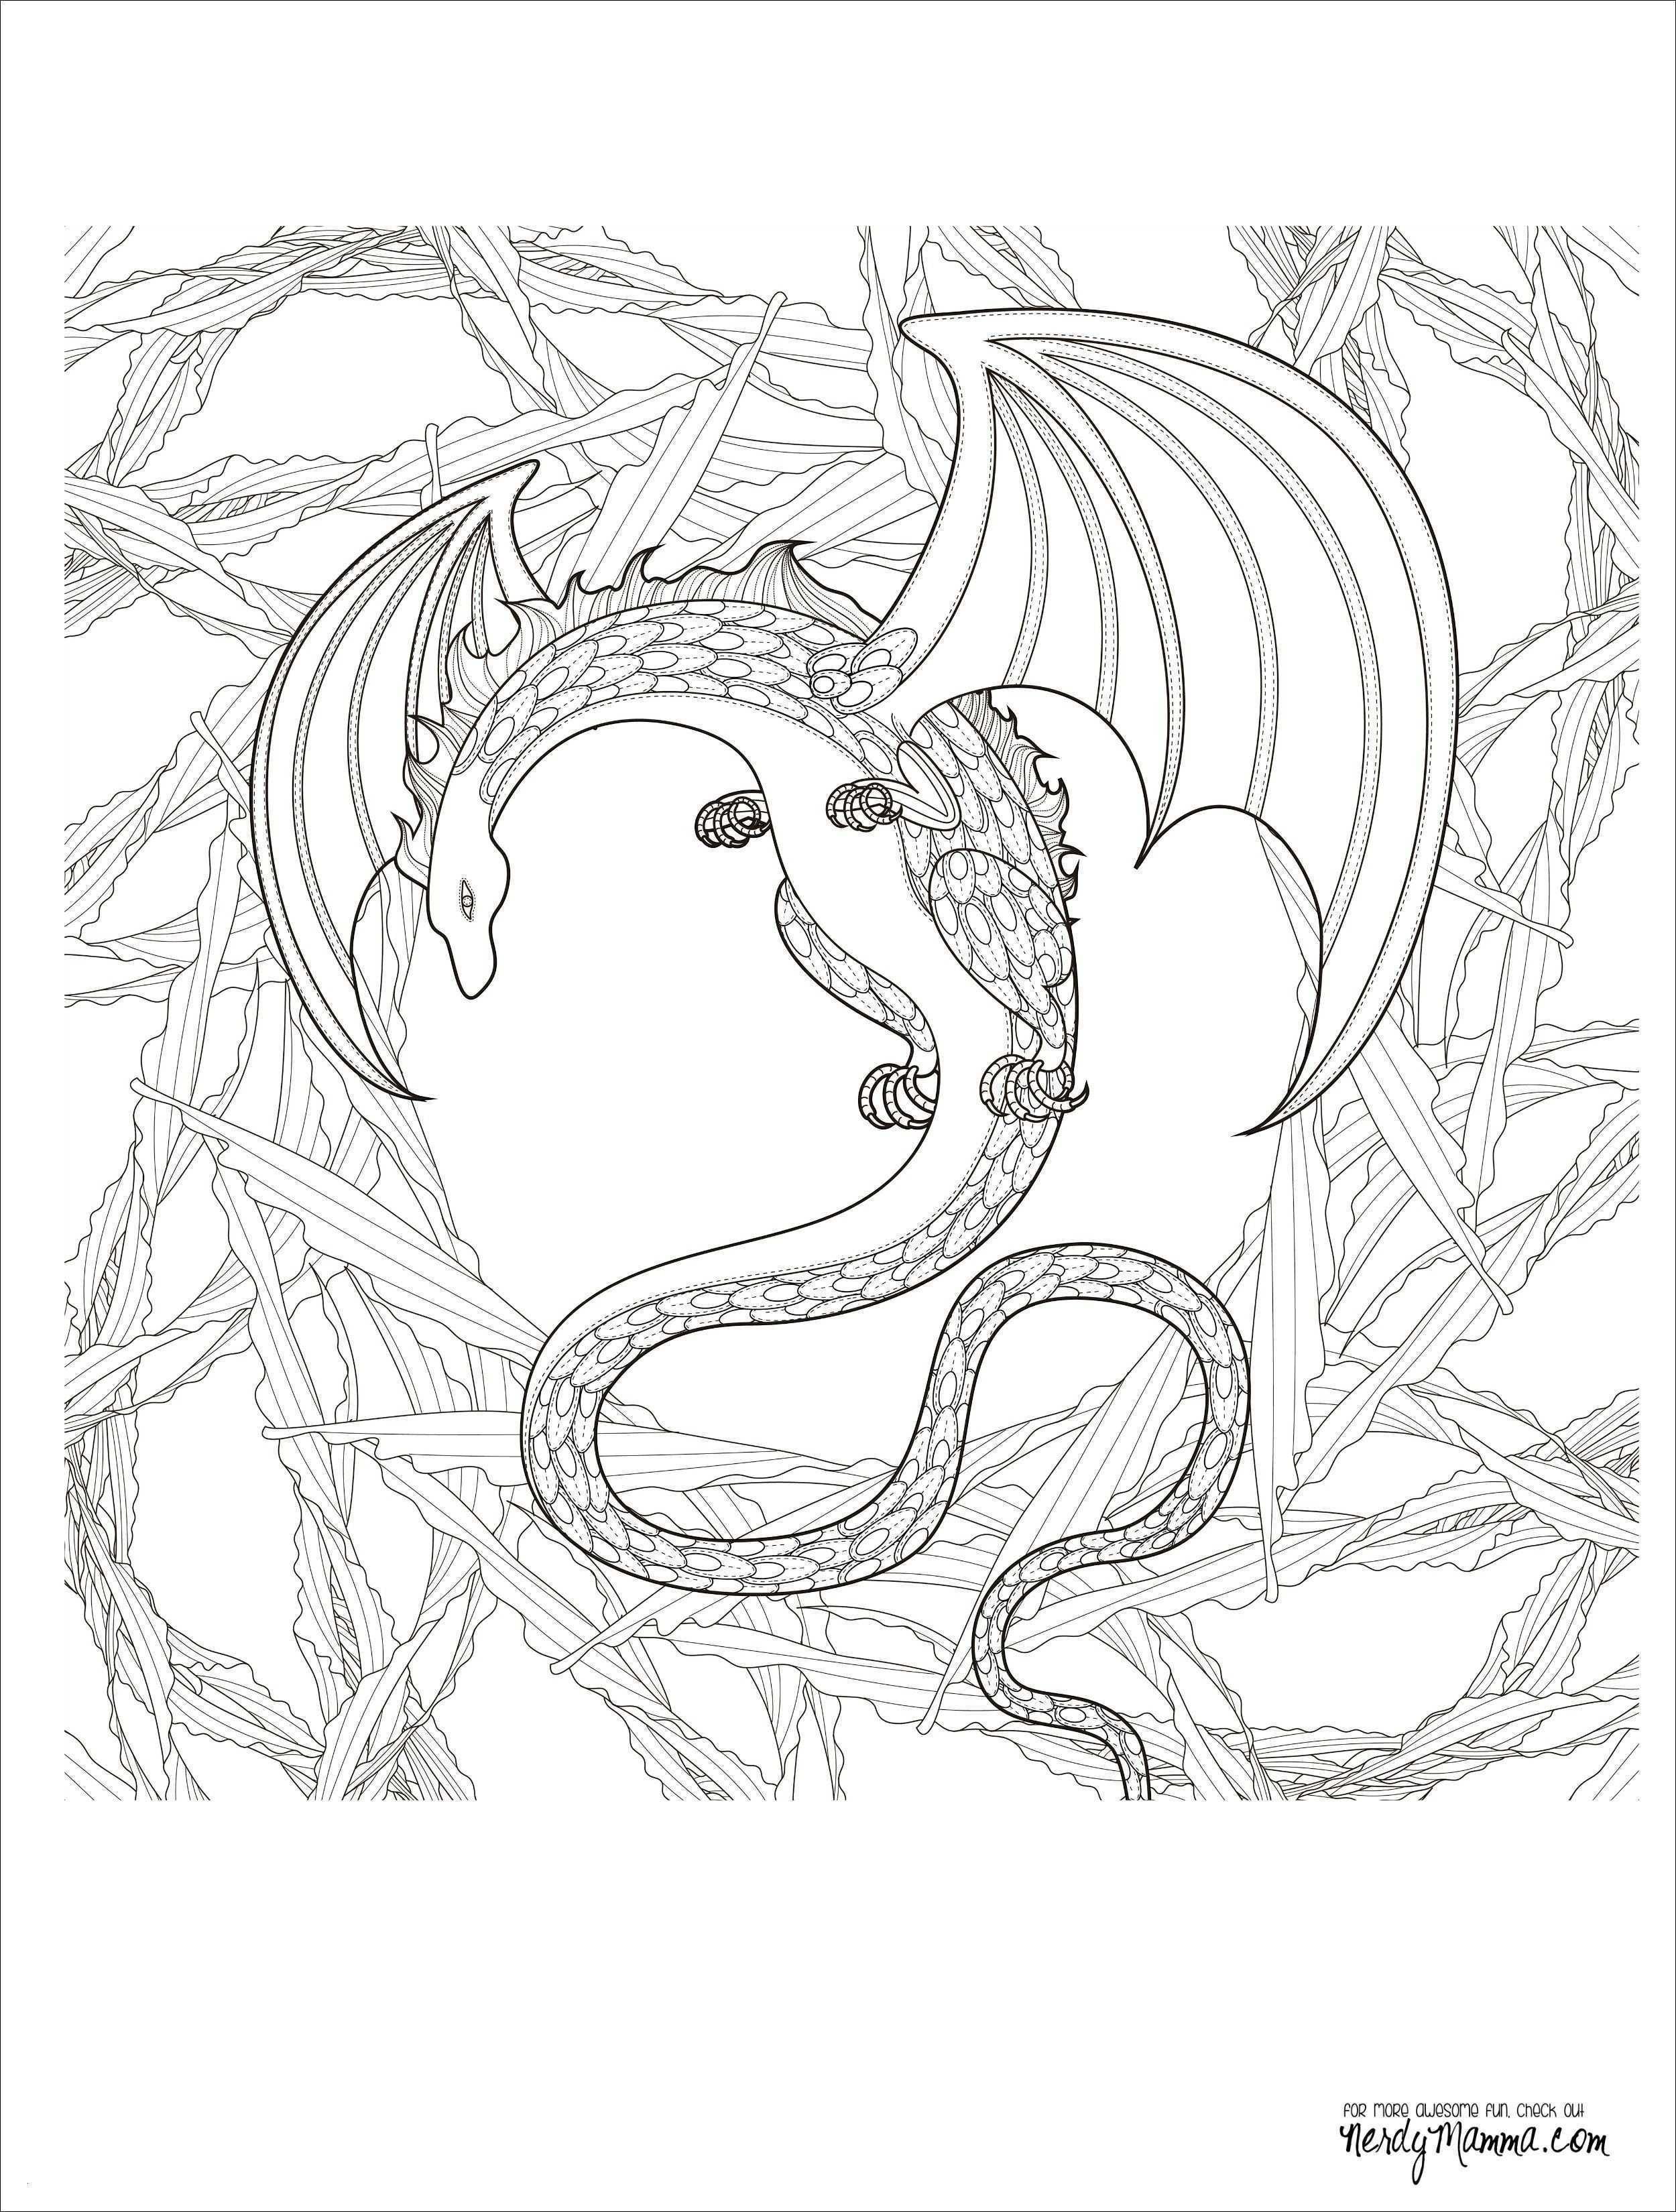 Einhorn Mandala Erwachsene Neu Einhorn Mandalas Zum Ausdrucken Vorstellung 40 Ausmalbilder Bild